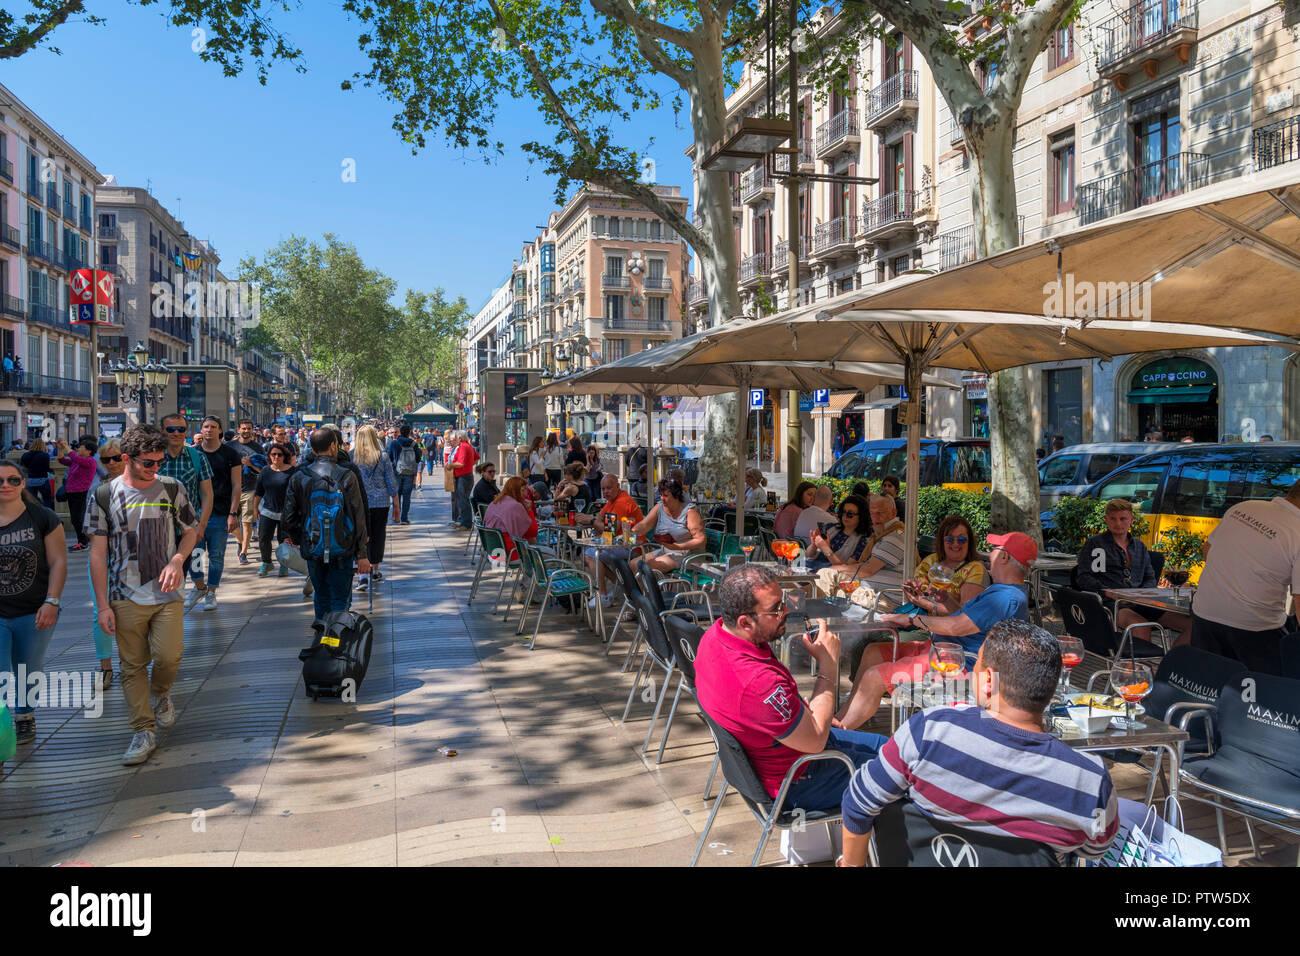 Las Ramblas, Barcelona. Cafe on the busy Rambla dels Caputxins, Barcelona, Catalunya, Spain. - Stock Image